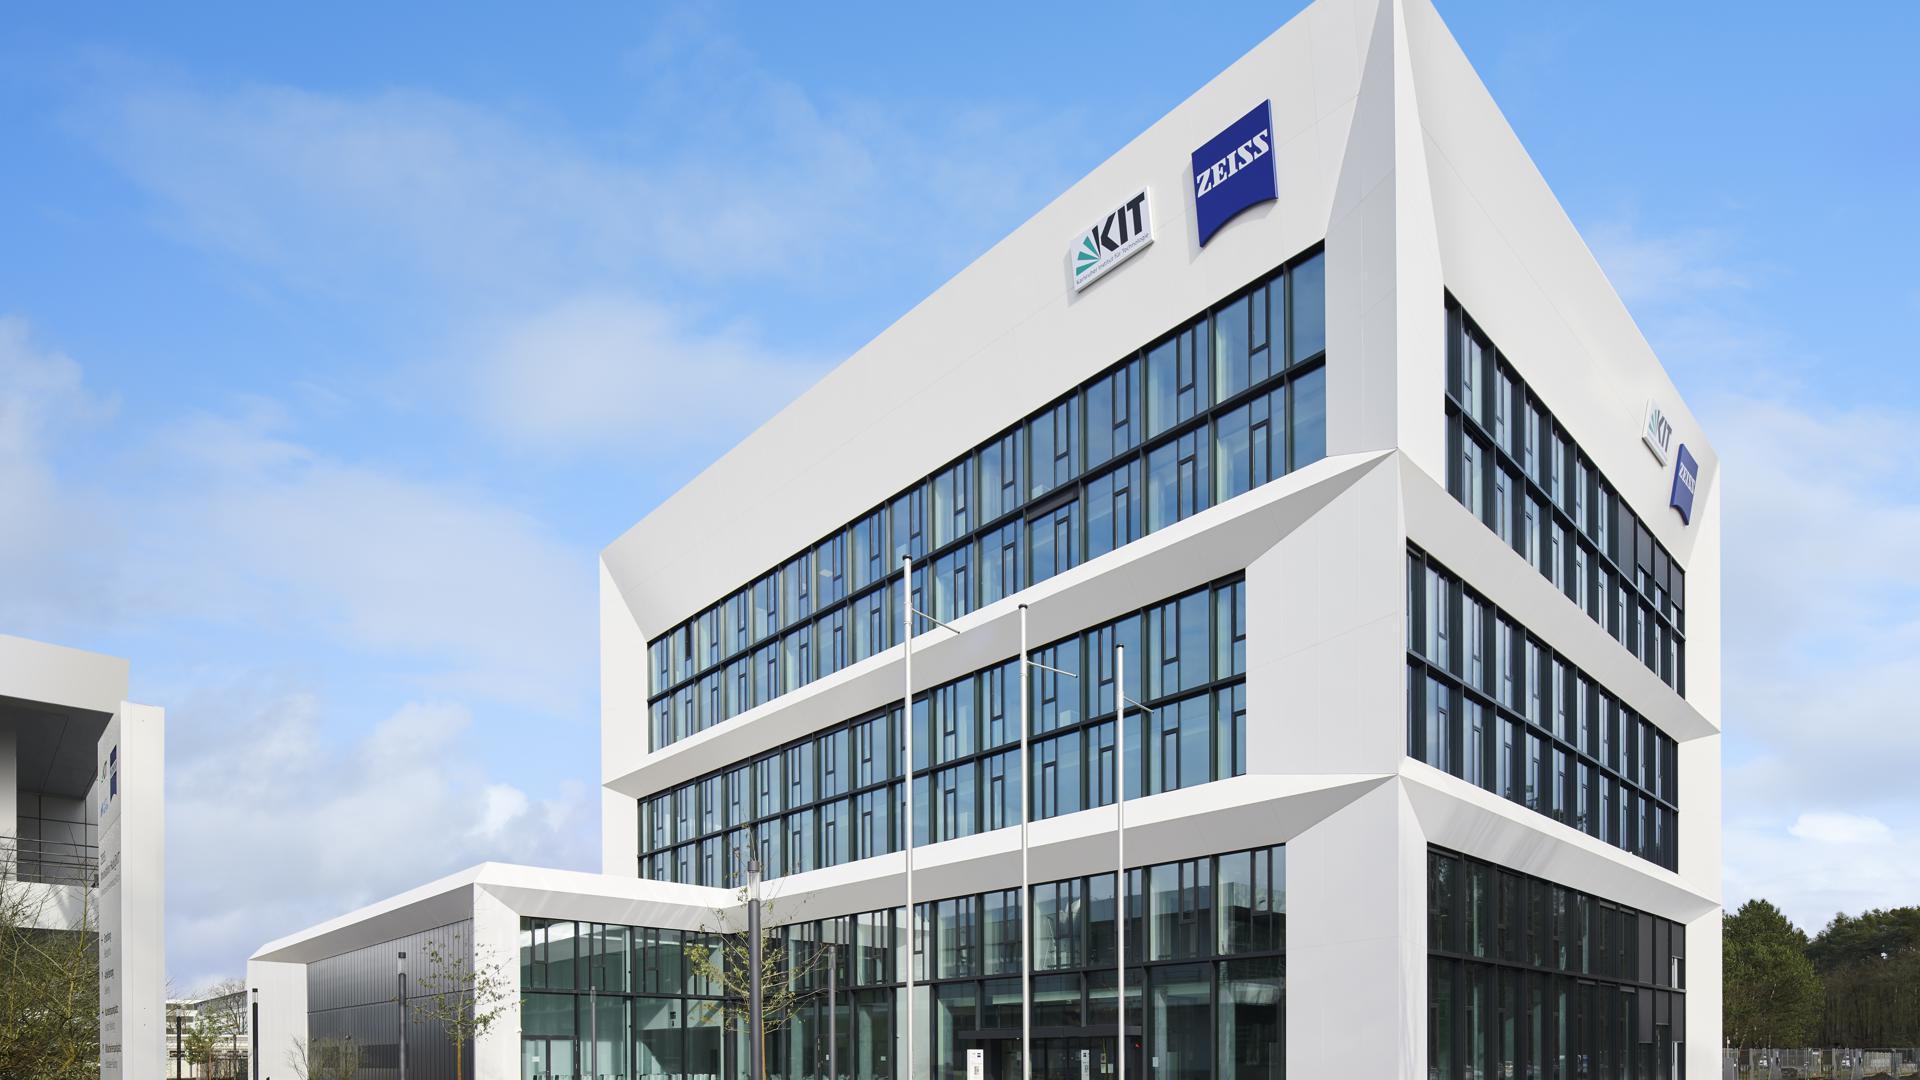 Modernes dreistöckiges Gebäude mit Logos von KIT und Zeiss